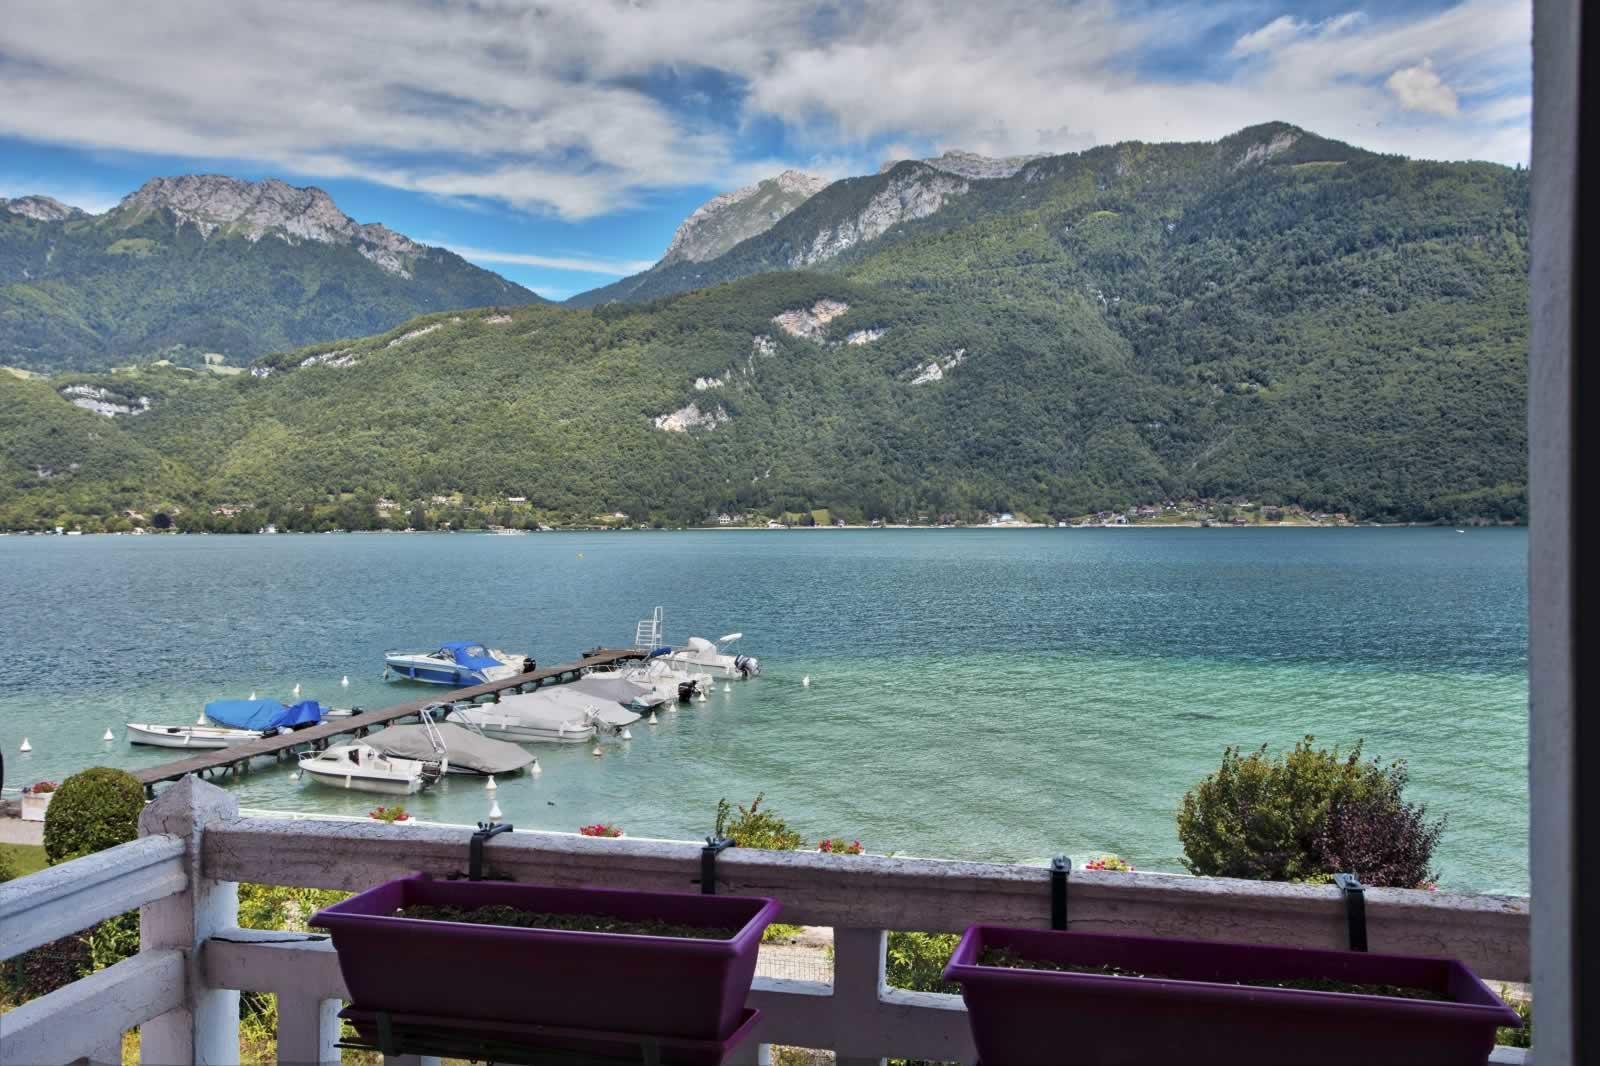 charmant appartement au bord du lac d annecy vendre doussard avec vue sublime sur le lac. Black Bedroom Furniture Sets. Home Design Ideas